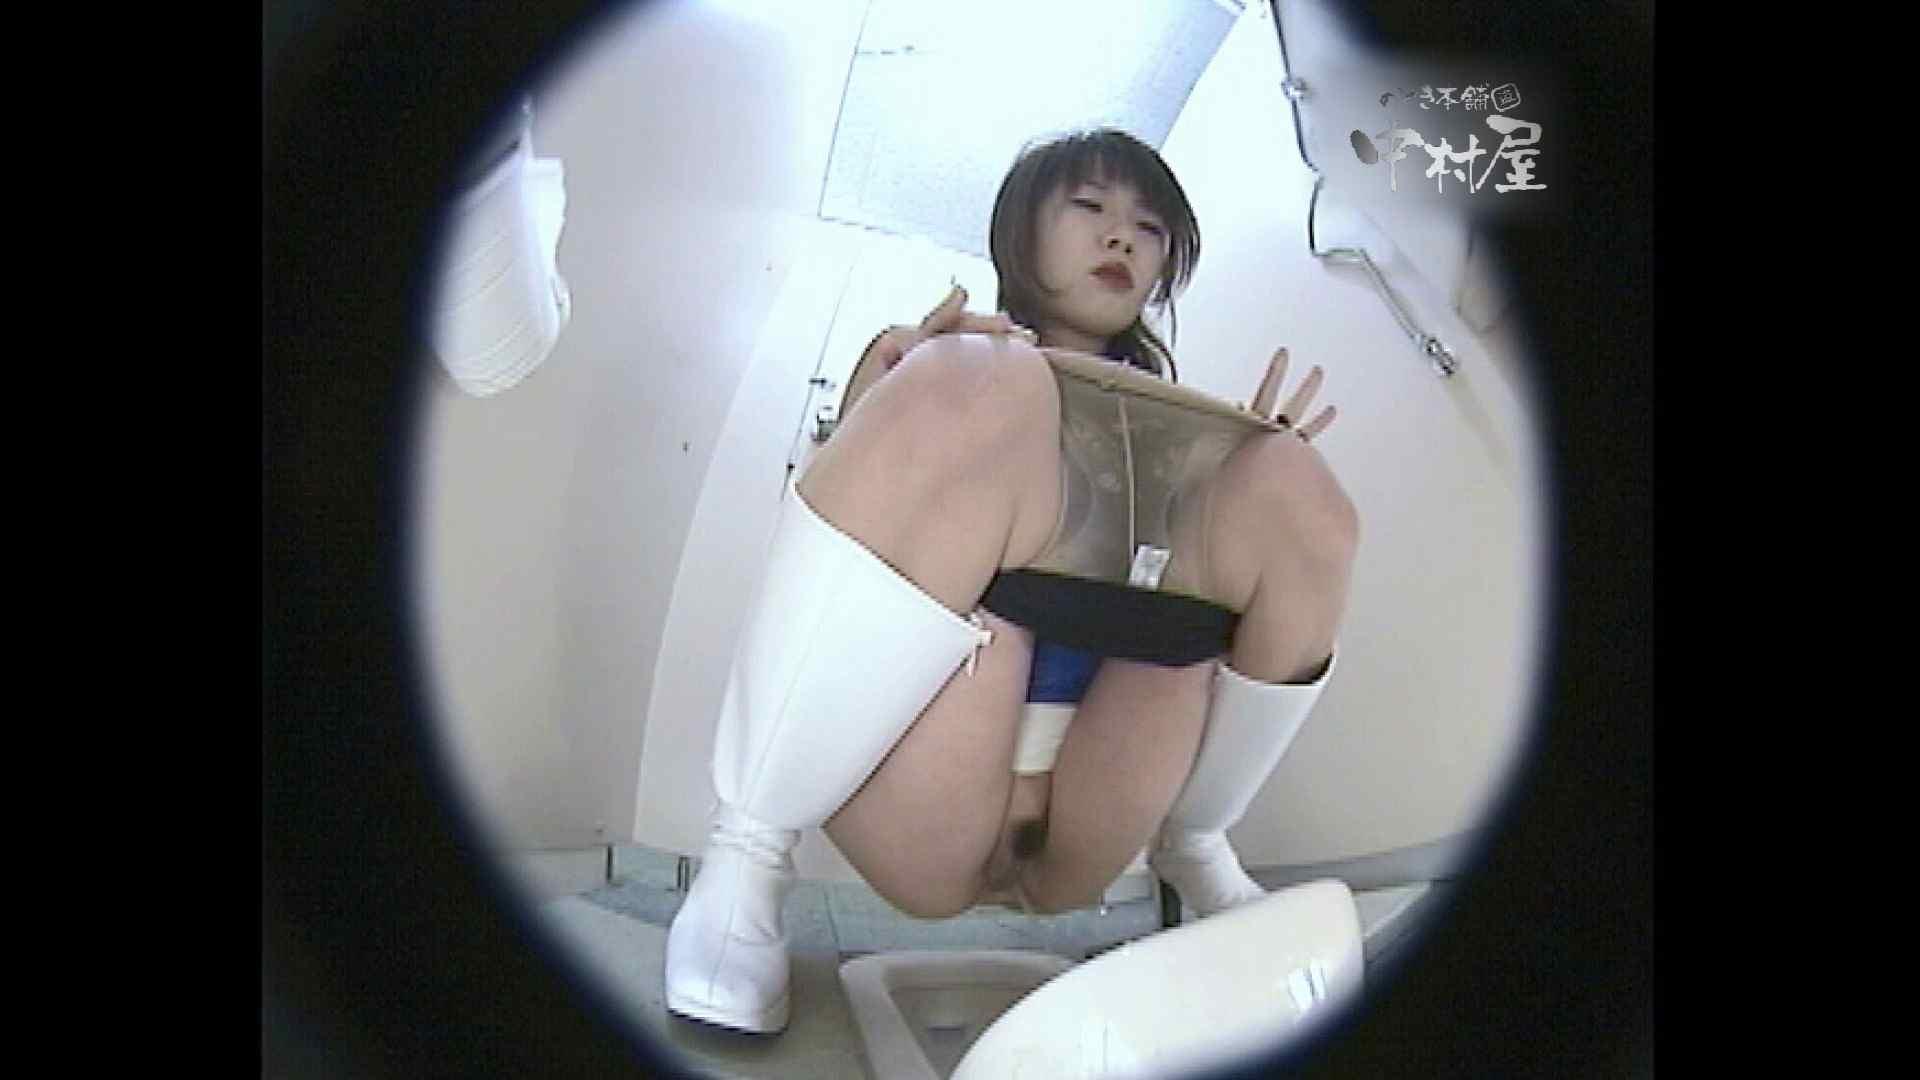 レースクィーントイレ盗撮!Vol.20 無修正マンコ のぞき動画画像 42連発 16